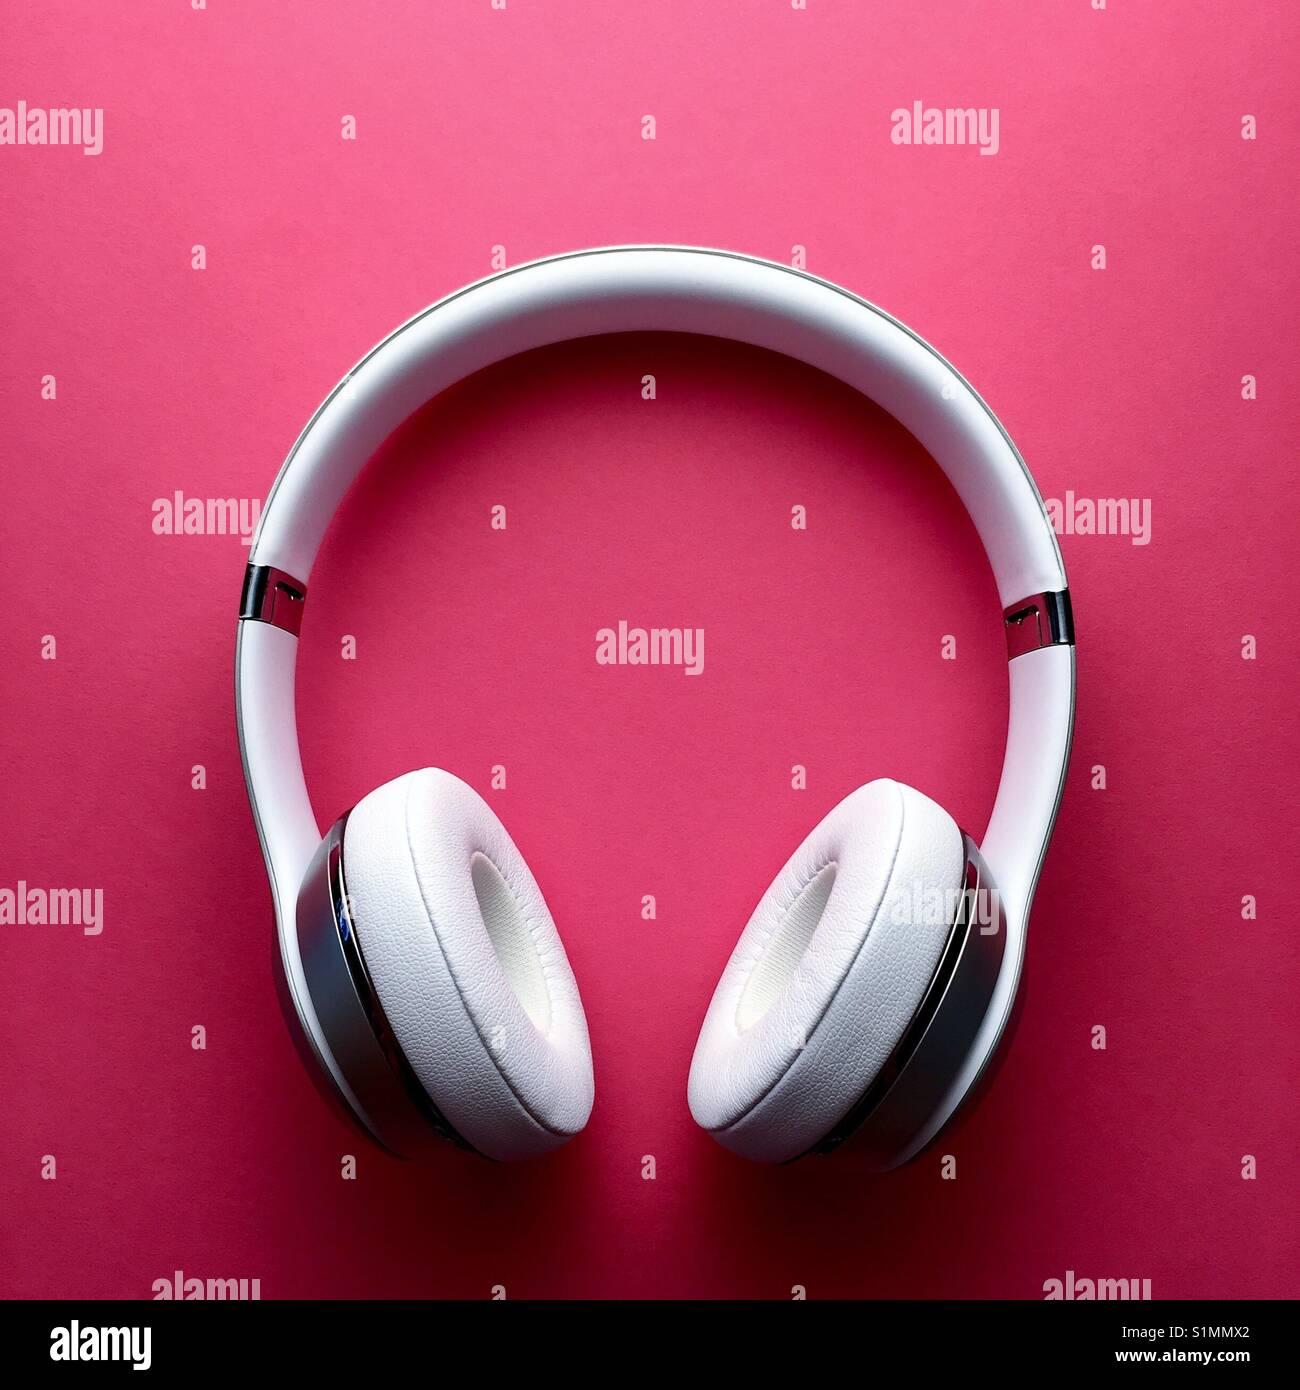 Un ensemble d'écouteurs sans fil blanc sur un riche fond rose Photo Stock